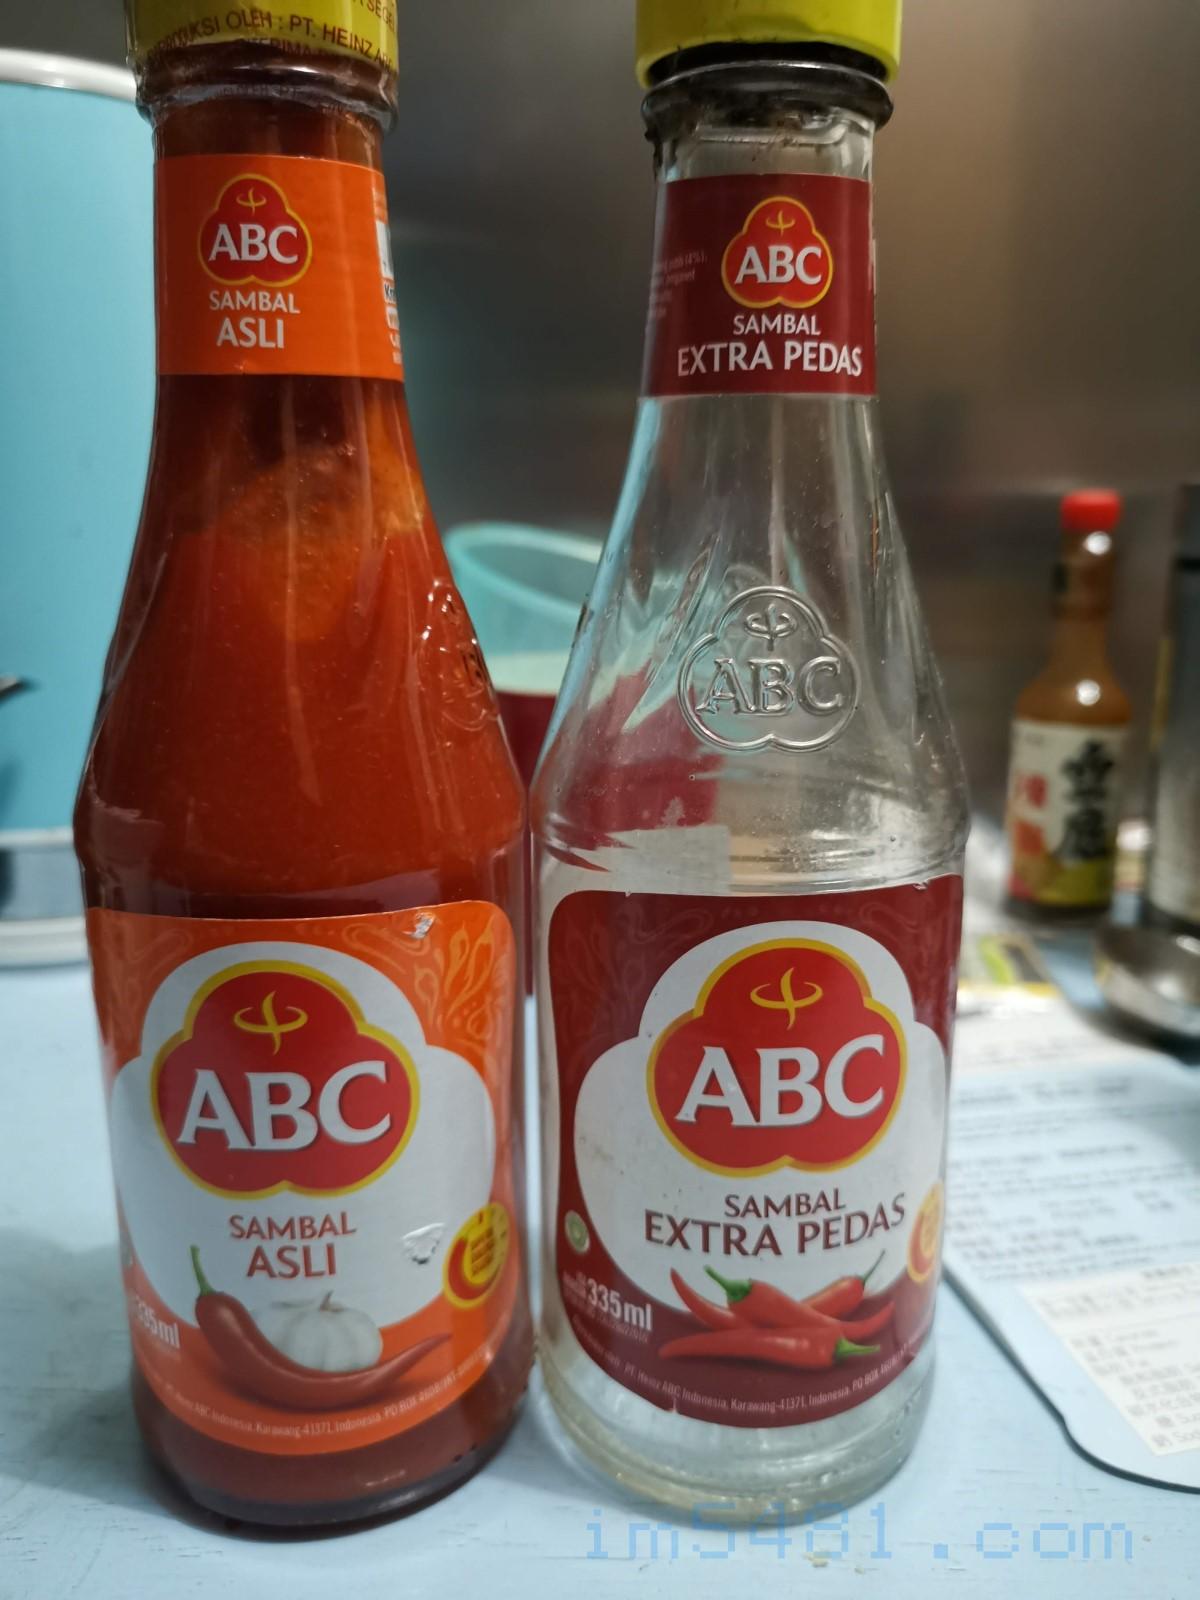 印尼ABC辣椒醬要有印蒜頭圖案的才好吃,純辣椒的就只有辣。